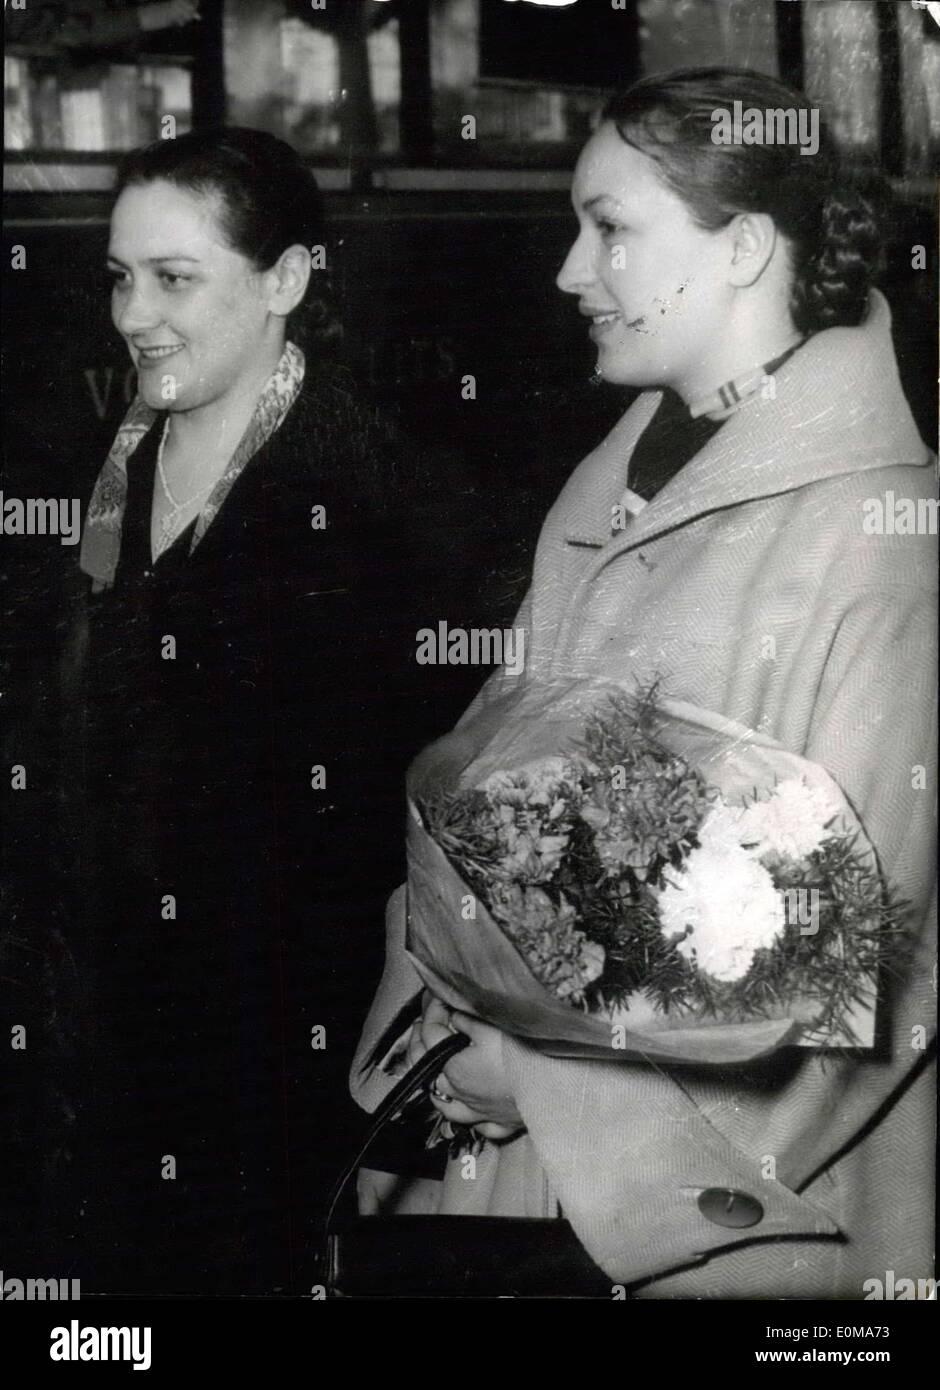 Marzo 25, 1954 - Federación de pantalla estrellas en Cannes Festival de Cine: E. Lutchko (izquierda) y L. Orlova arrying flores), los dos en Rusia Imagen De Stock